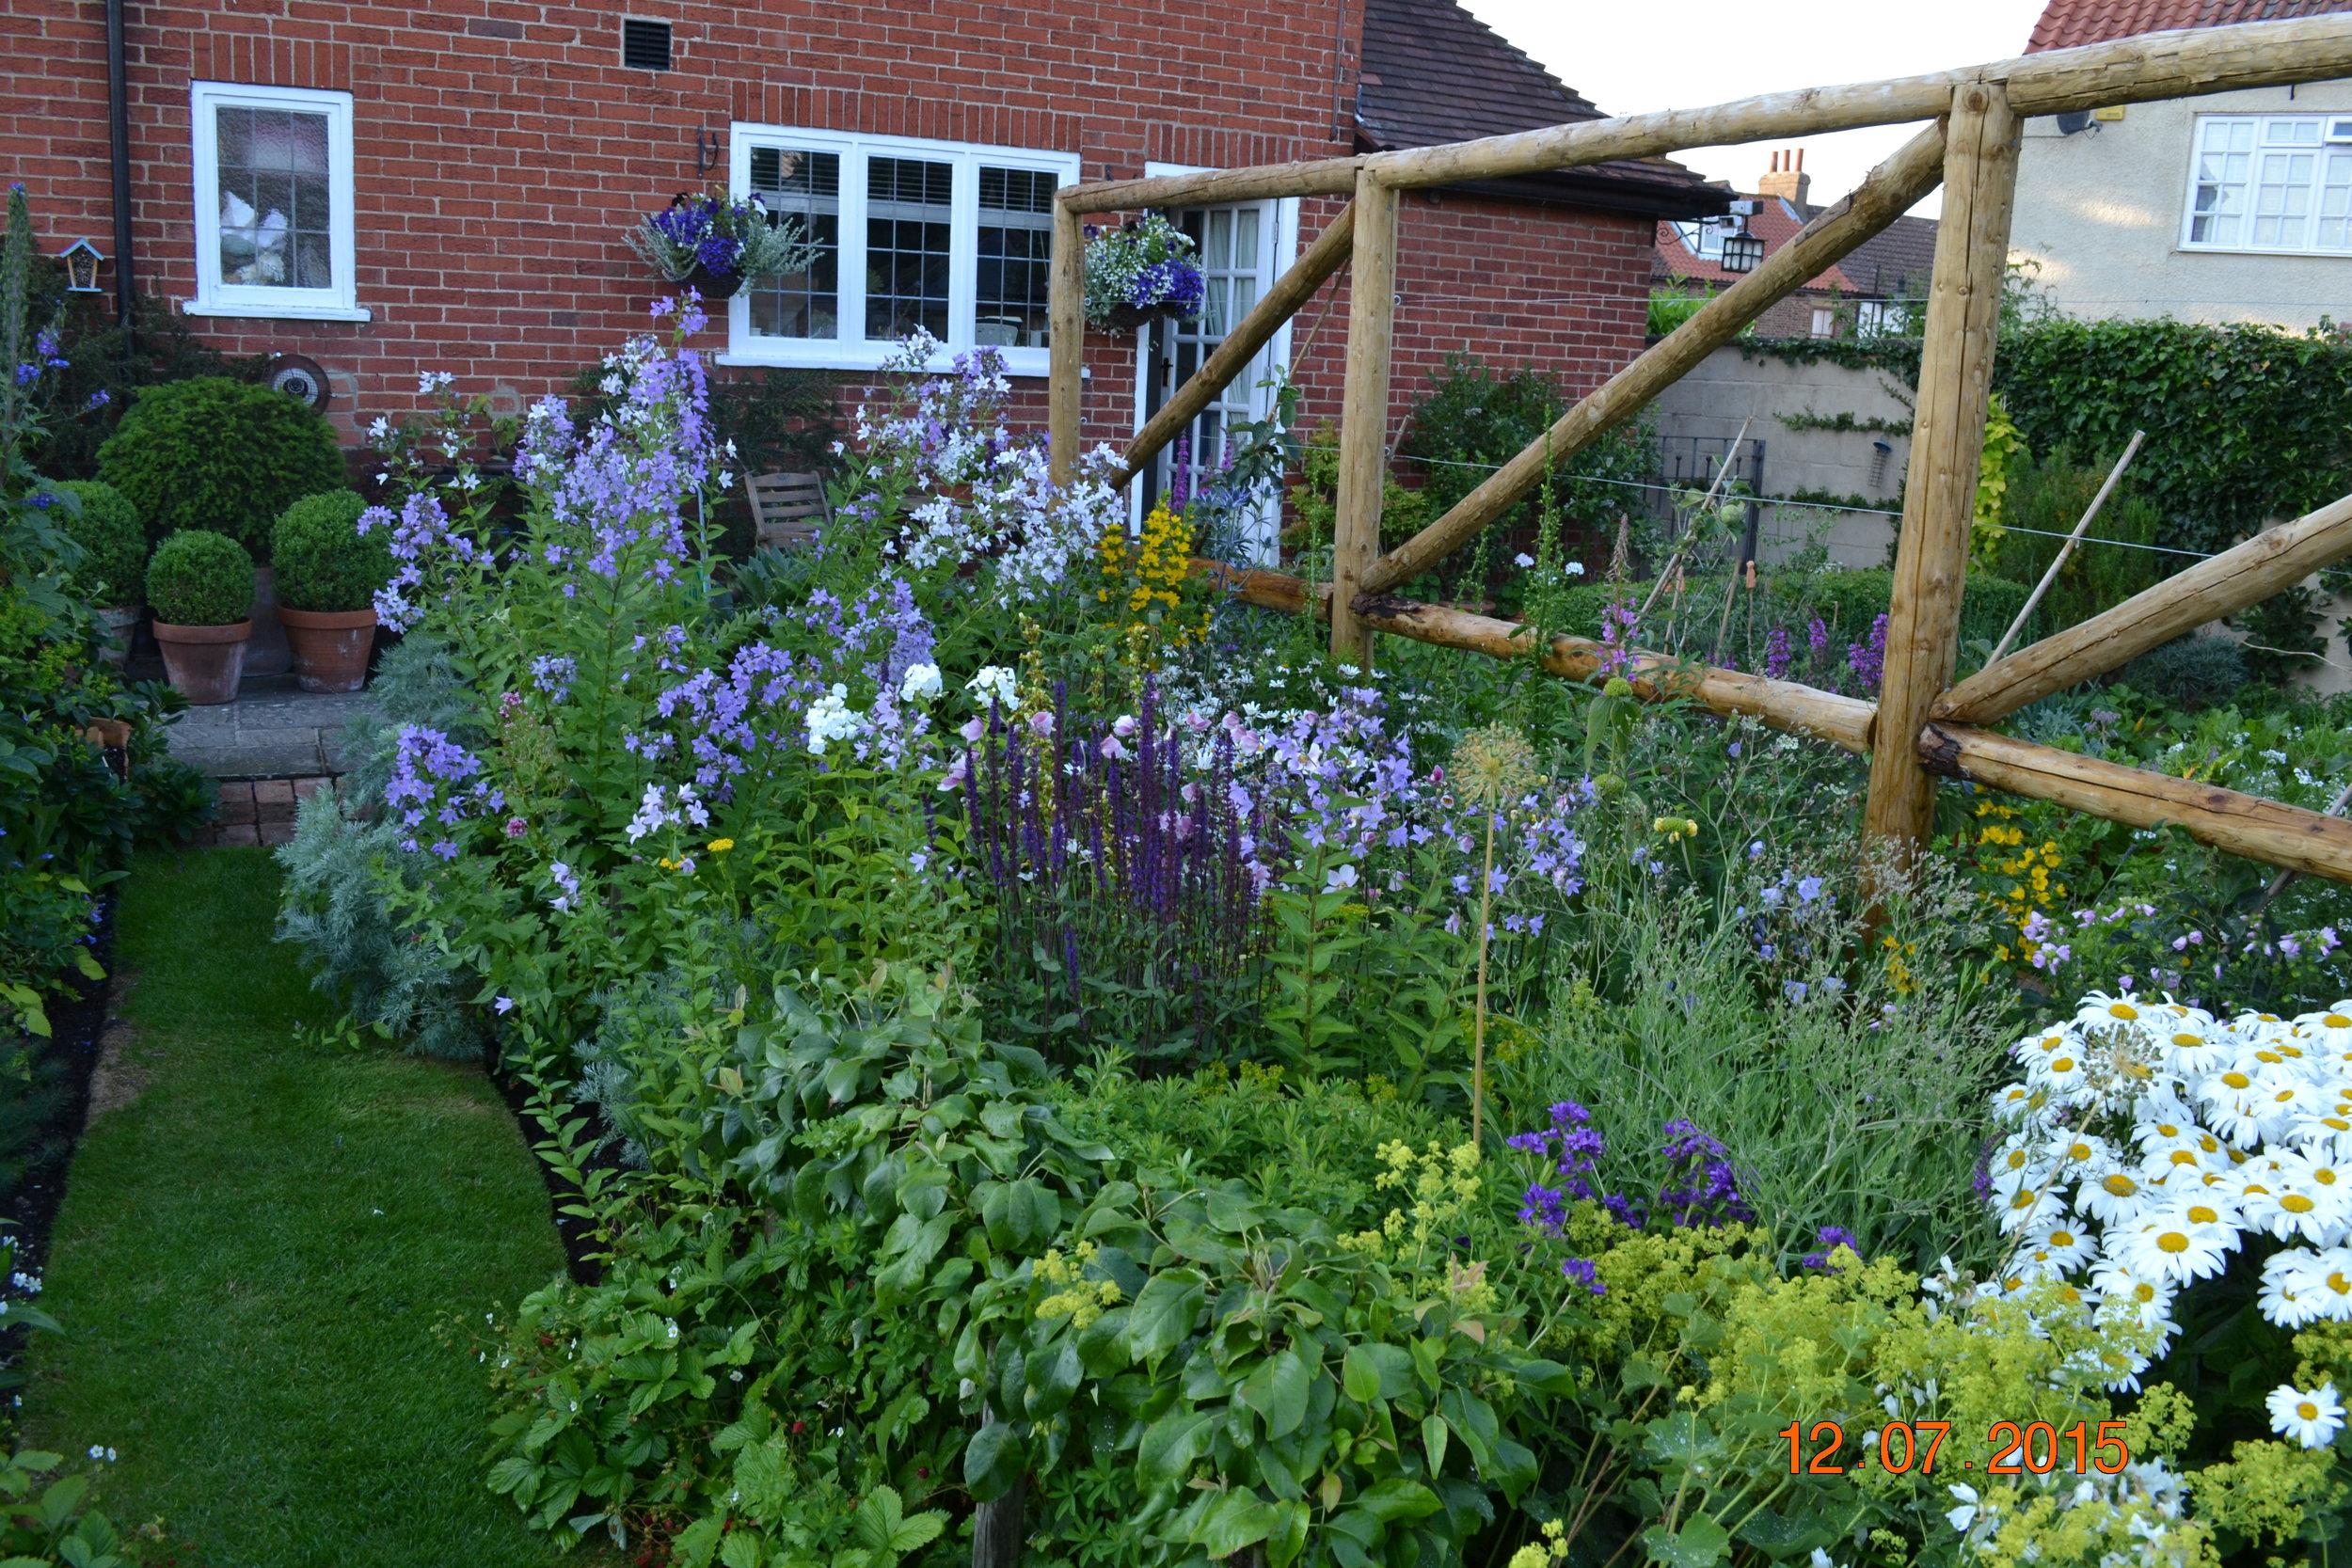 Wales 2015 garden summer flower arranging at home 018.JPG